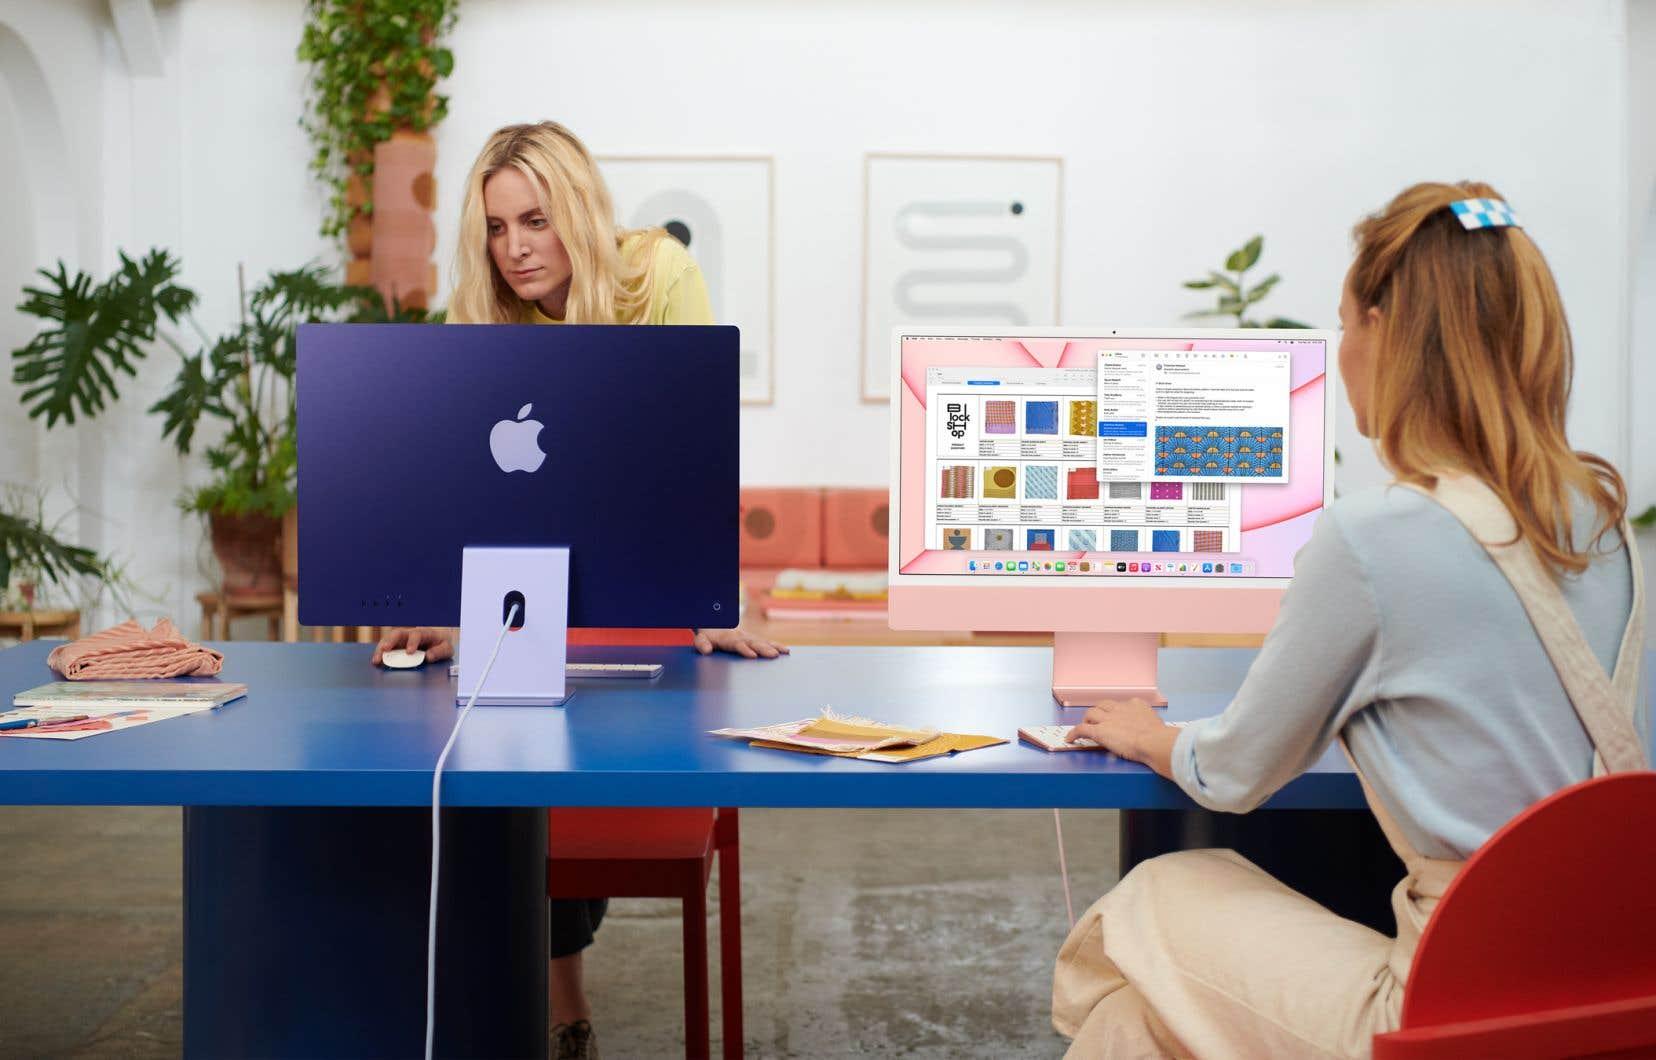 Deux des nouveaux iMac présentés mardi.